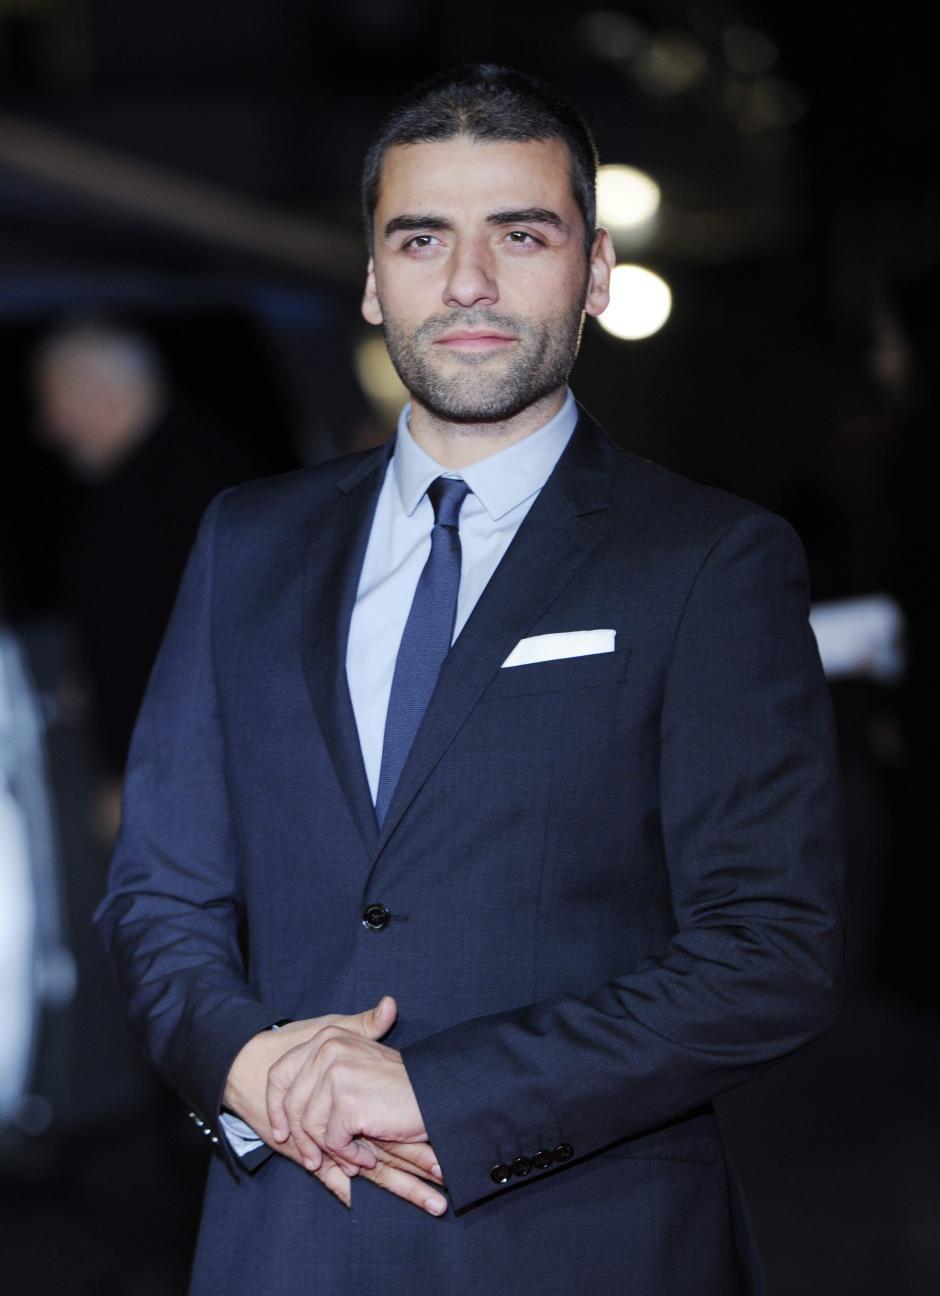 Fotografía de archivo del actor estadounidense de origen guatemalteco Oscar Isaac. (Foto: EFE/Archivo)